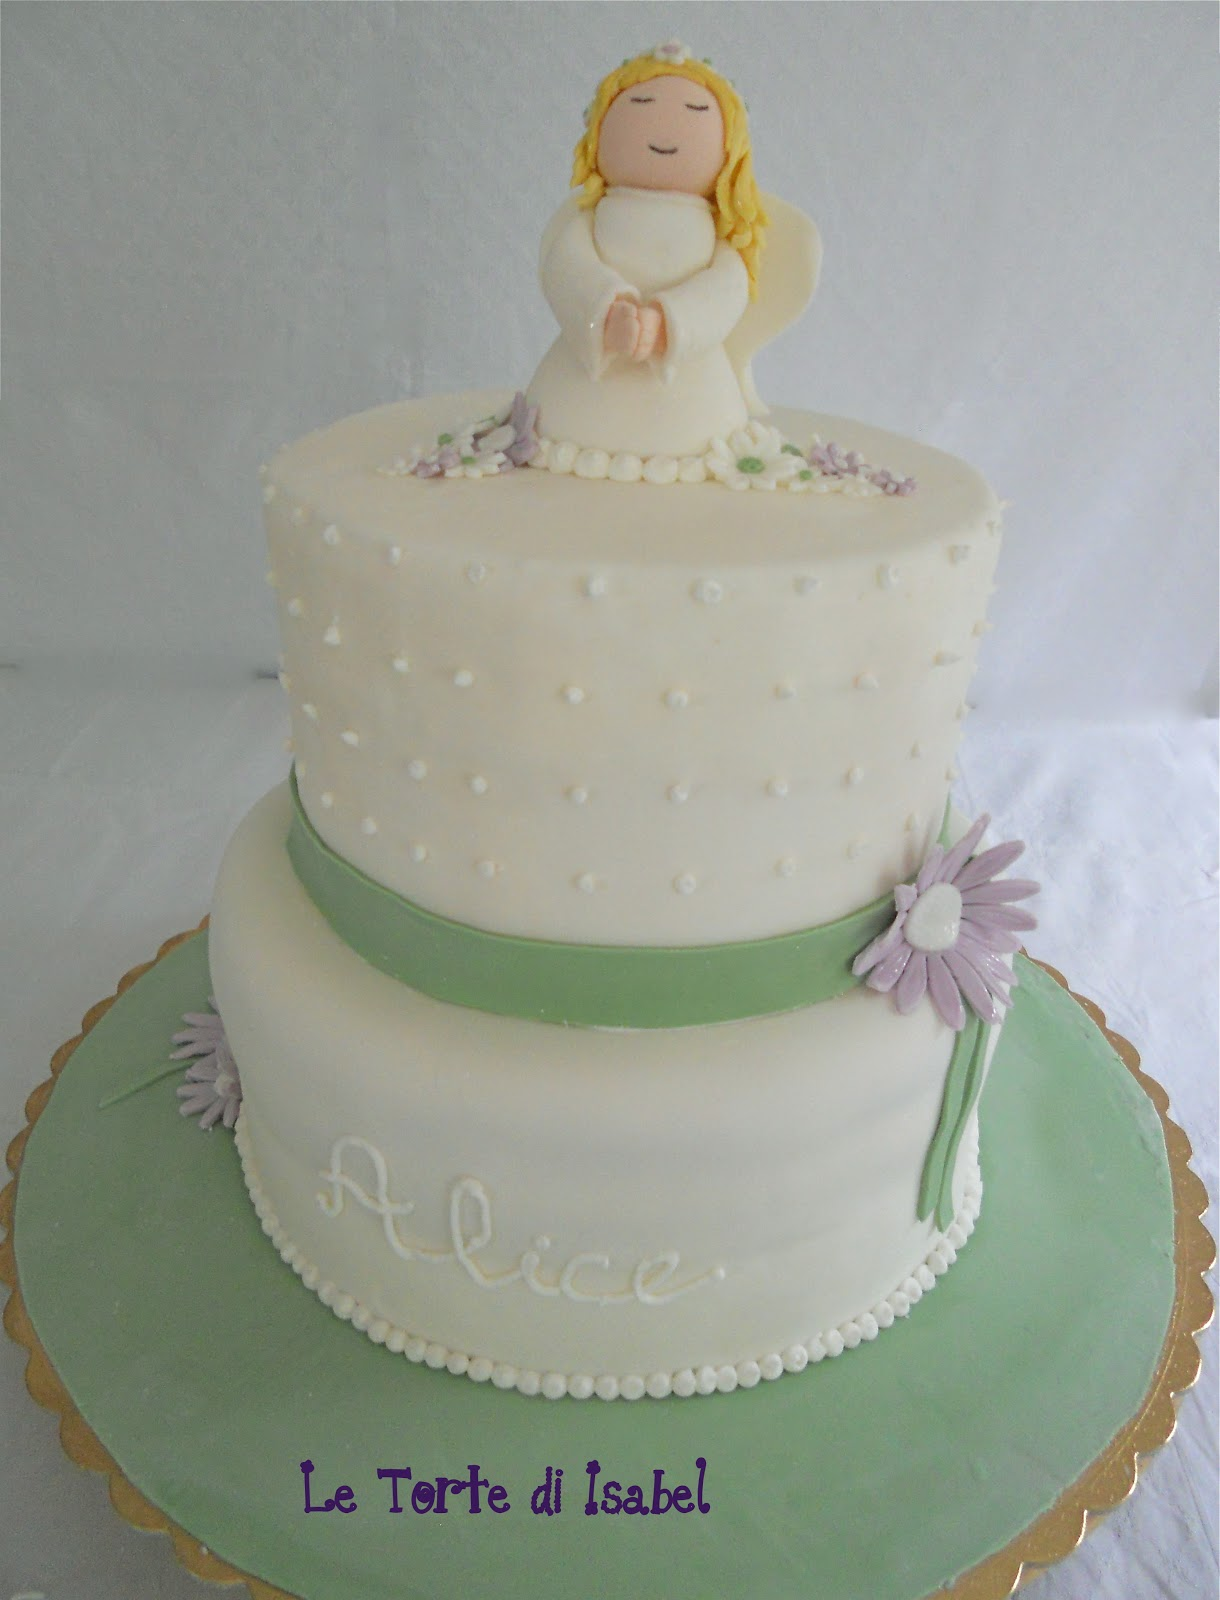 Le torte di isabel torta prima comunione con angelo for Decorazione torte prima comunione